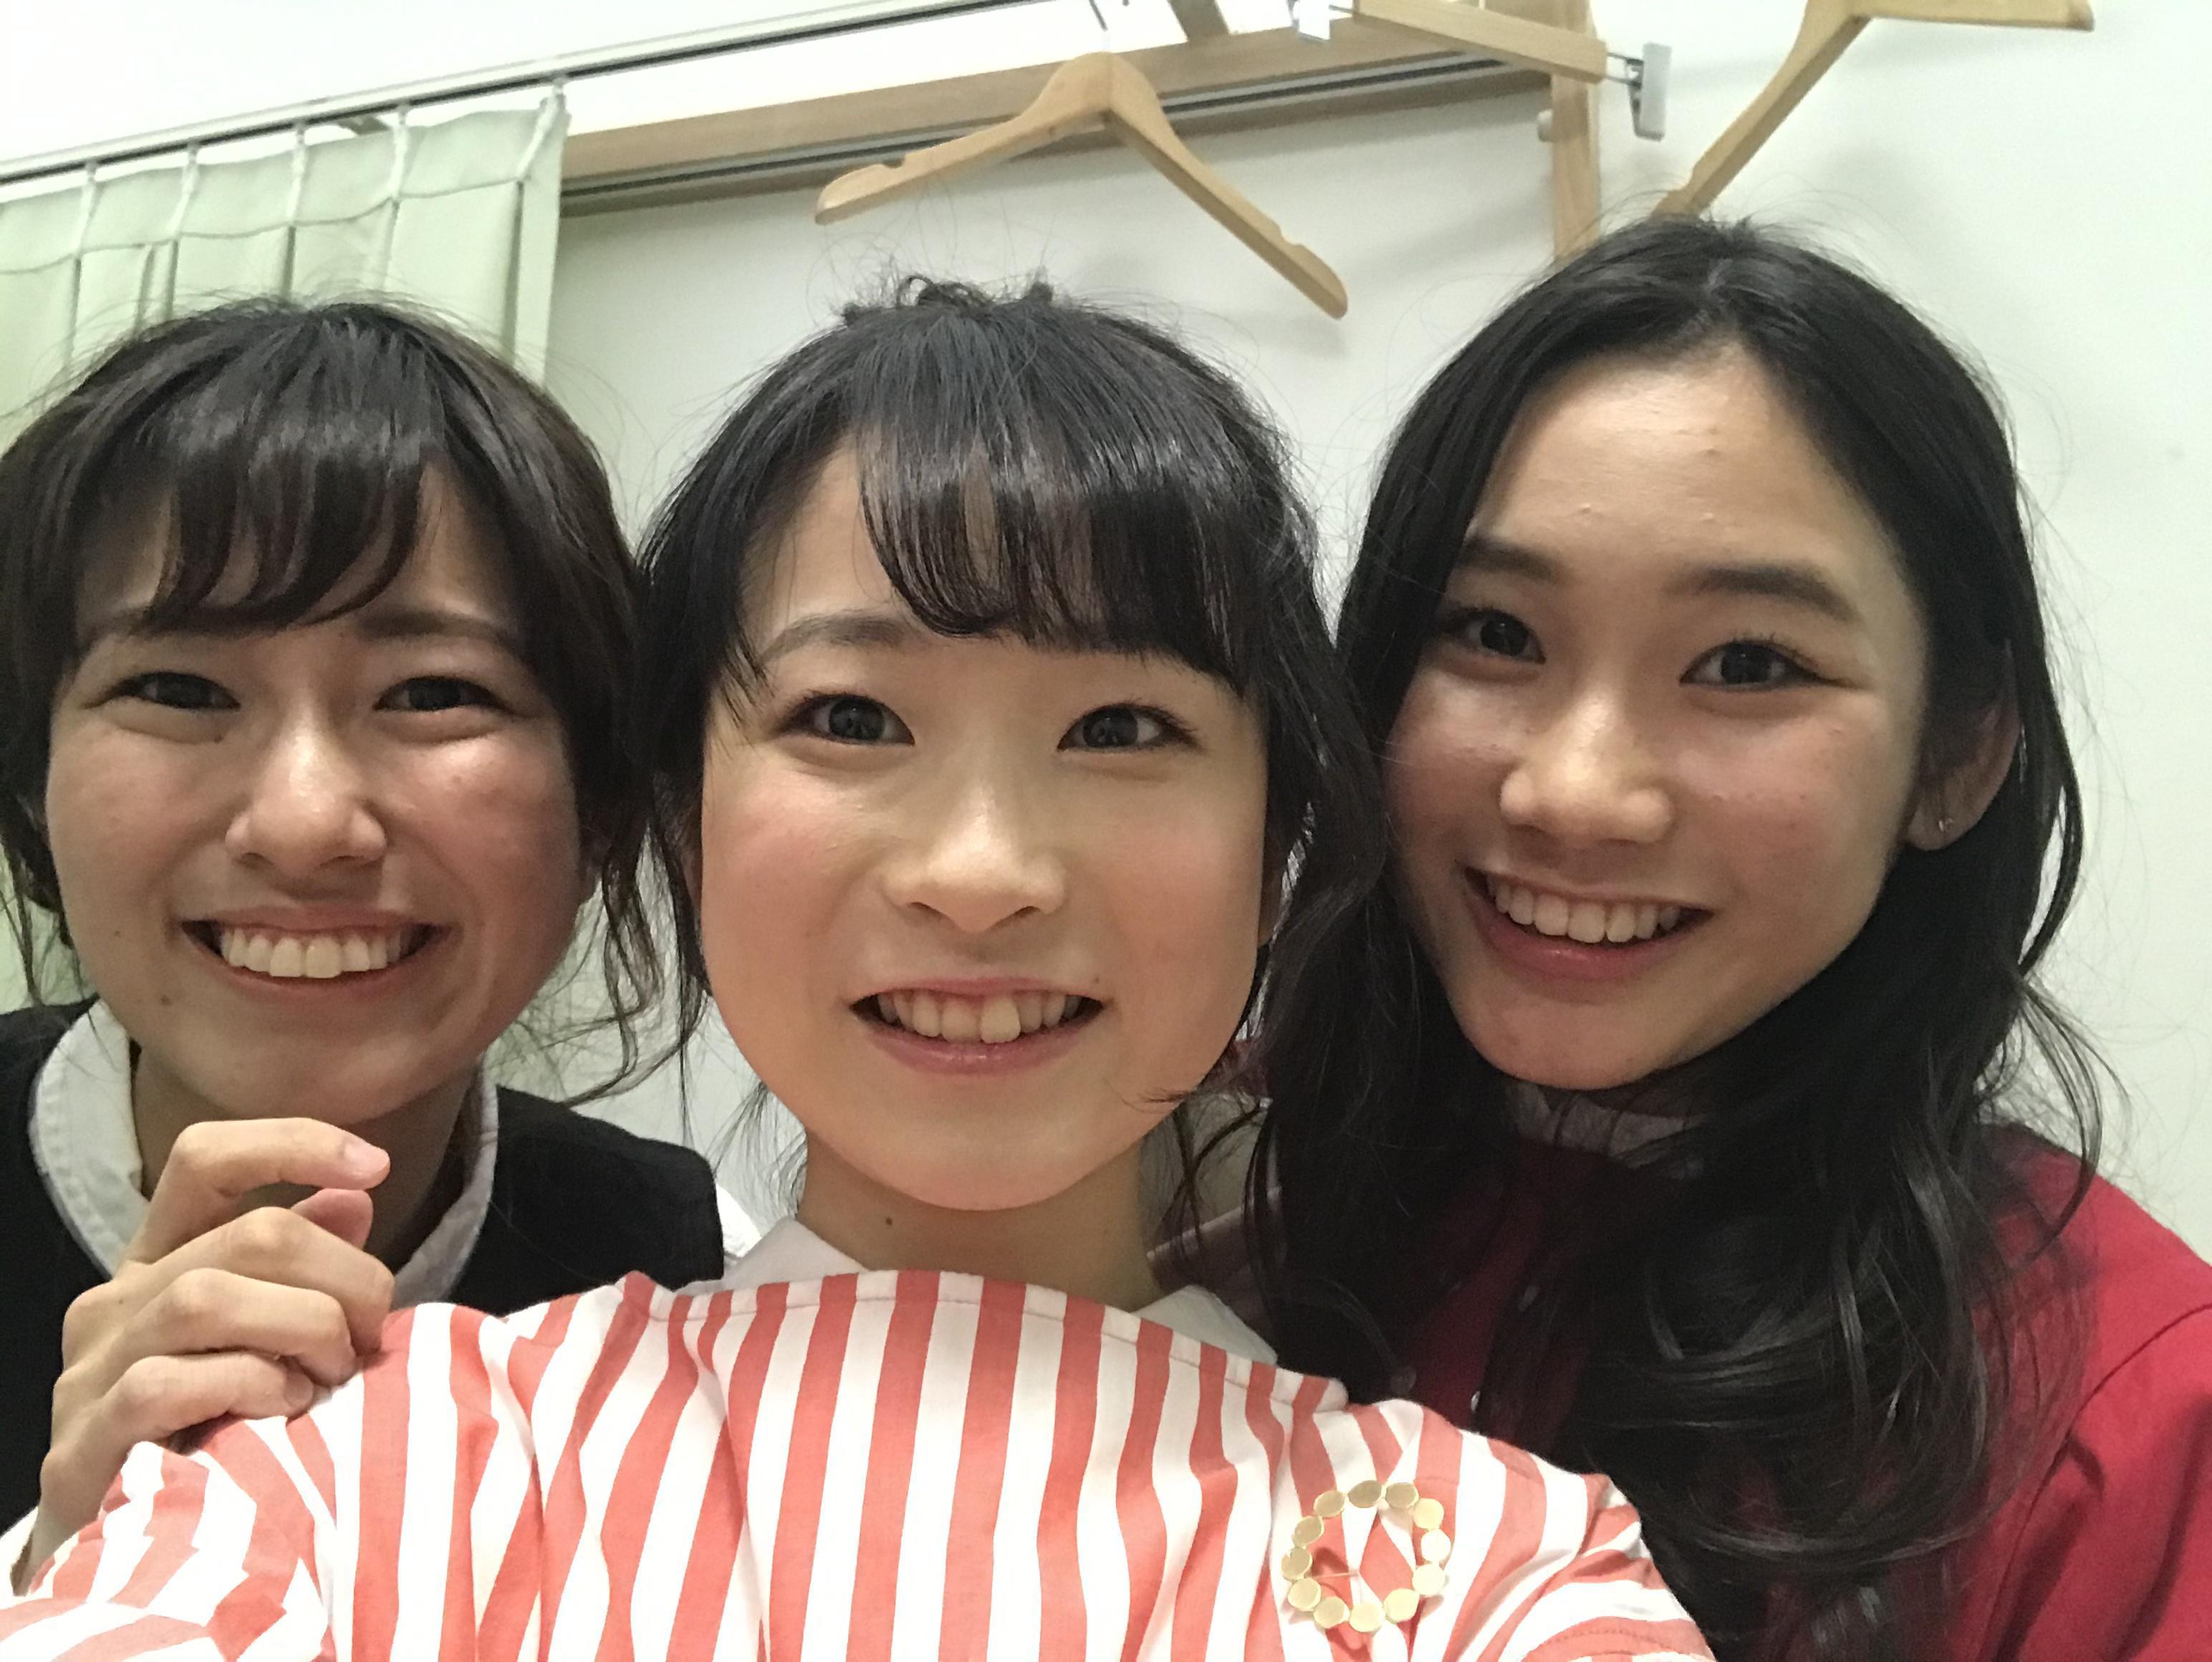 https://emifull.jp/emifulls_blog/12th/2020/04/files/image4.jpegudyrse.jpeg